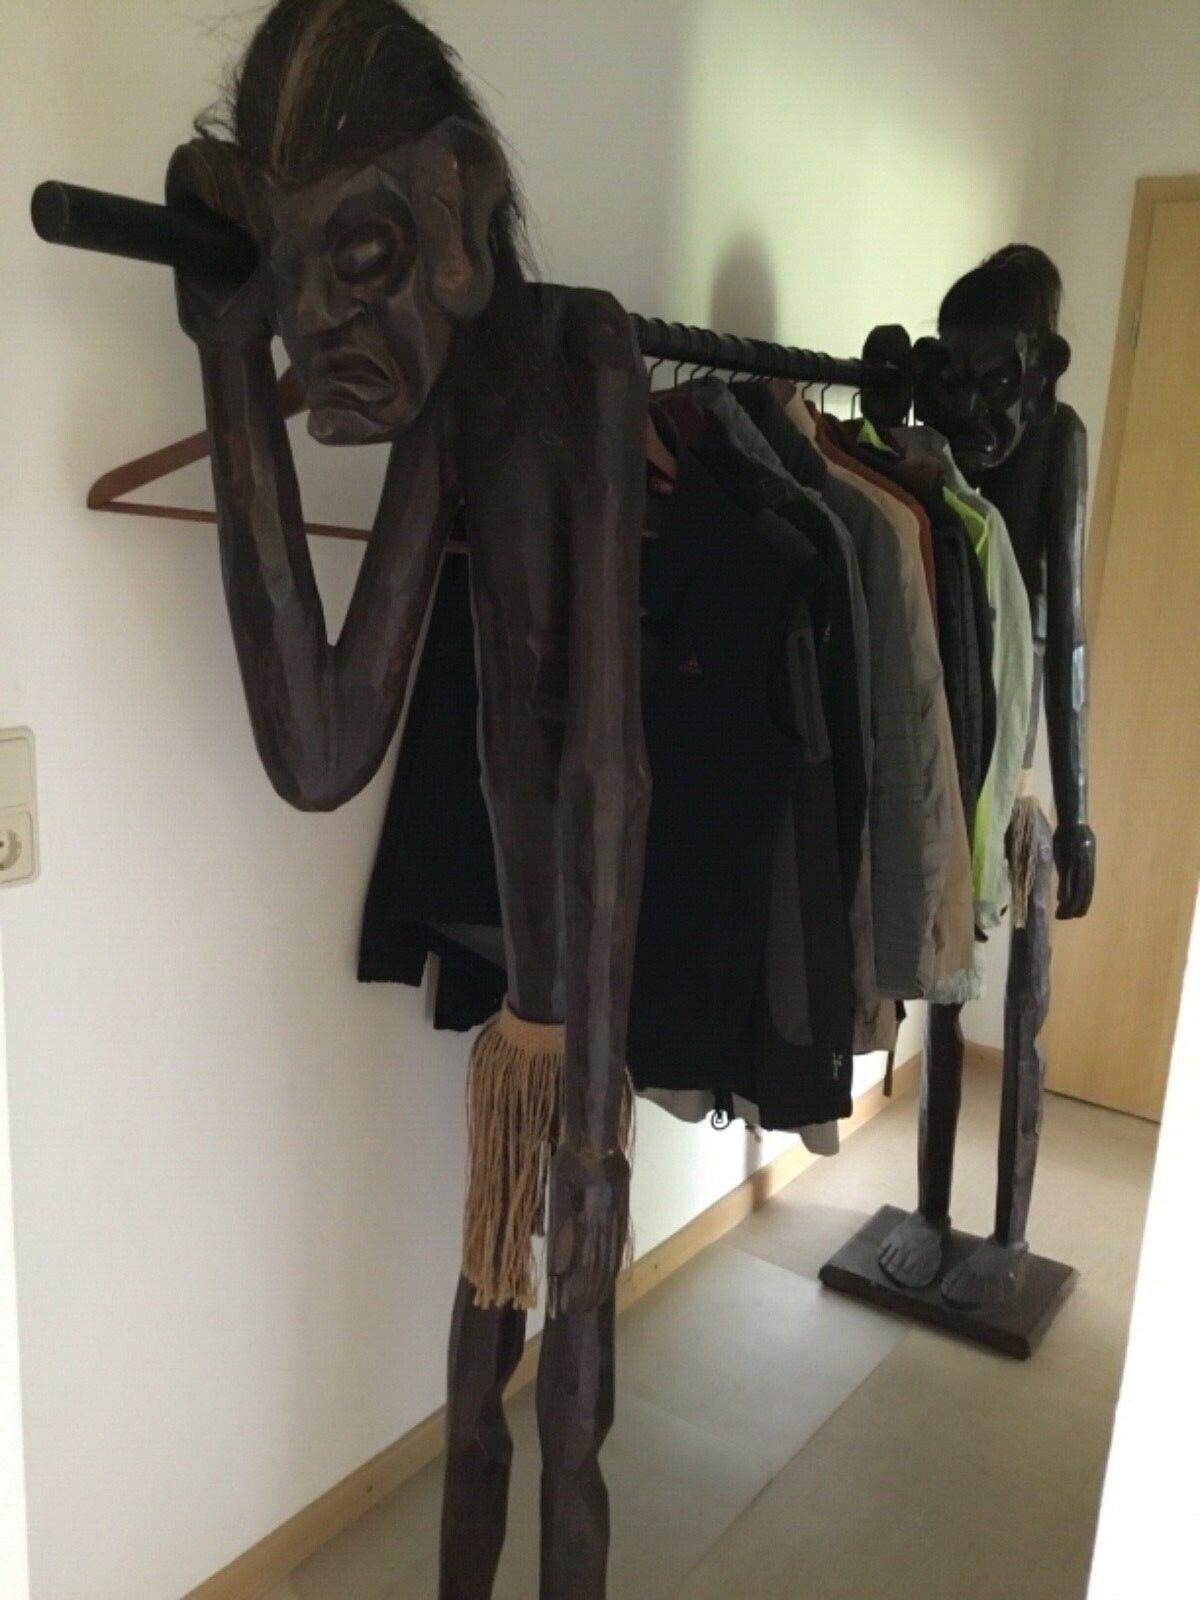 XL Garderobe Garderobenständer Figuren Waldläufer Ureinwohner Eingeborene Holz